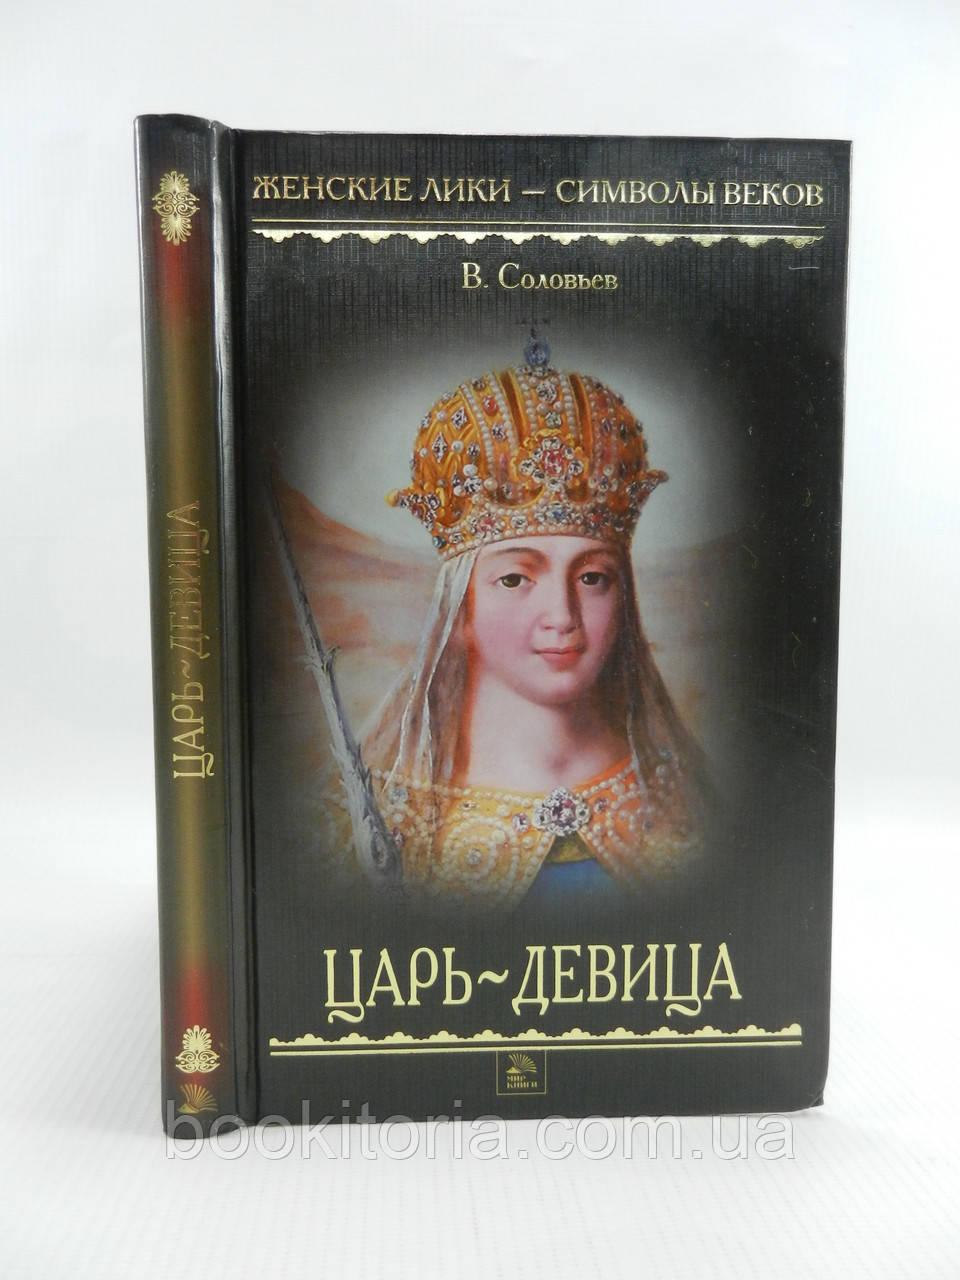 Соловьев В. Царь-девица (б/у).